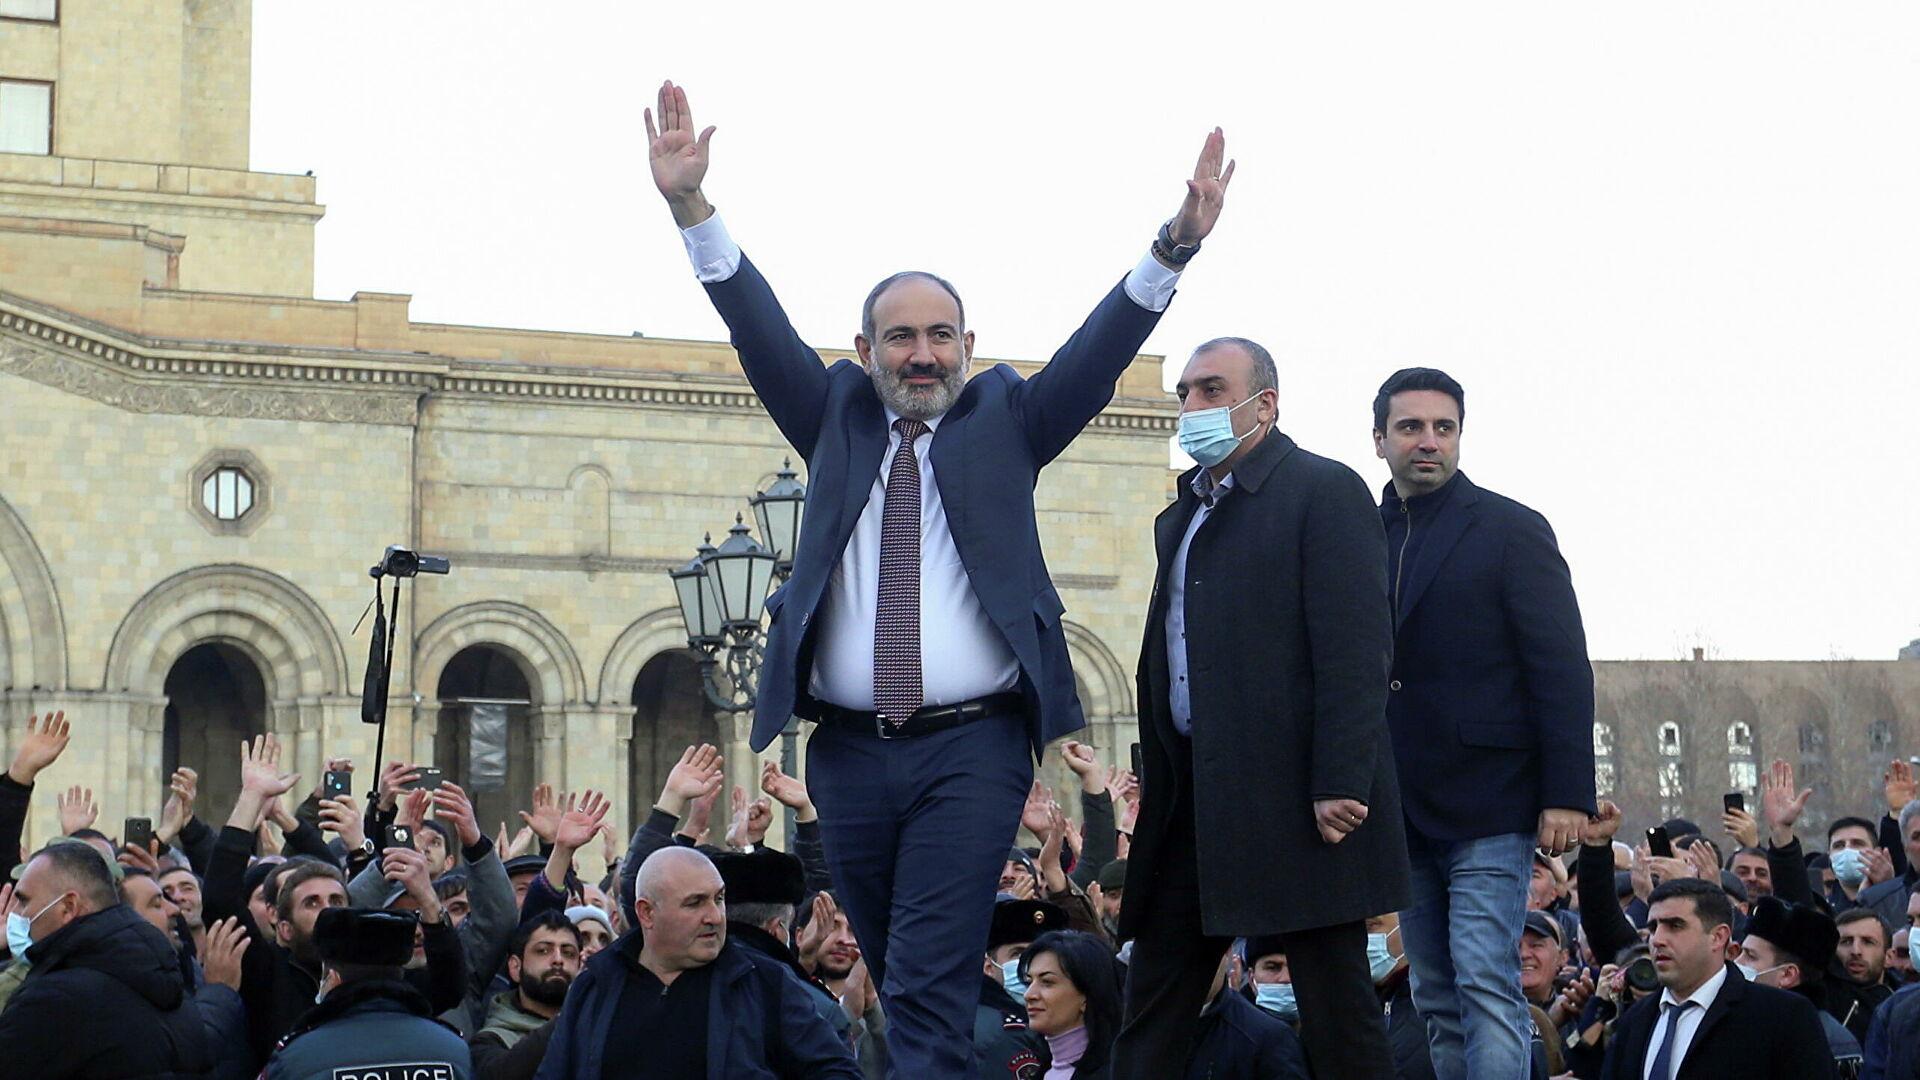 Сможет ли премьер-министр Пашинян пережить политический кризис в Армении?